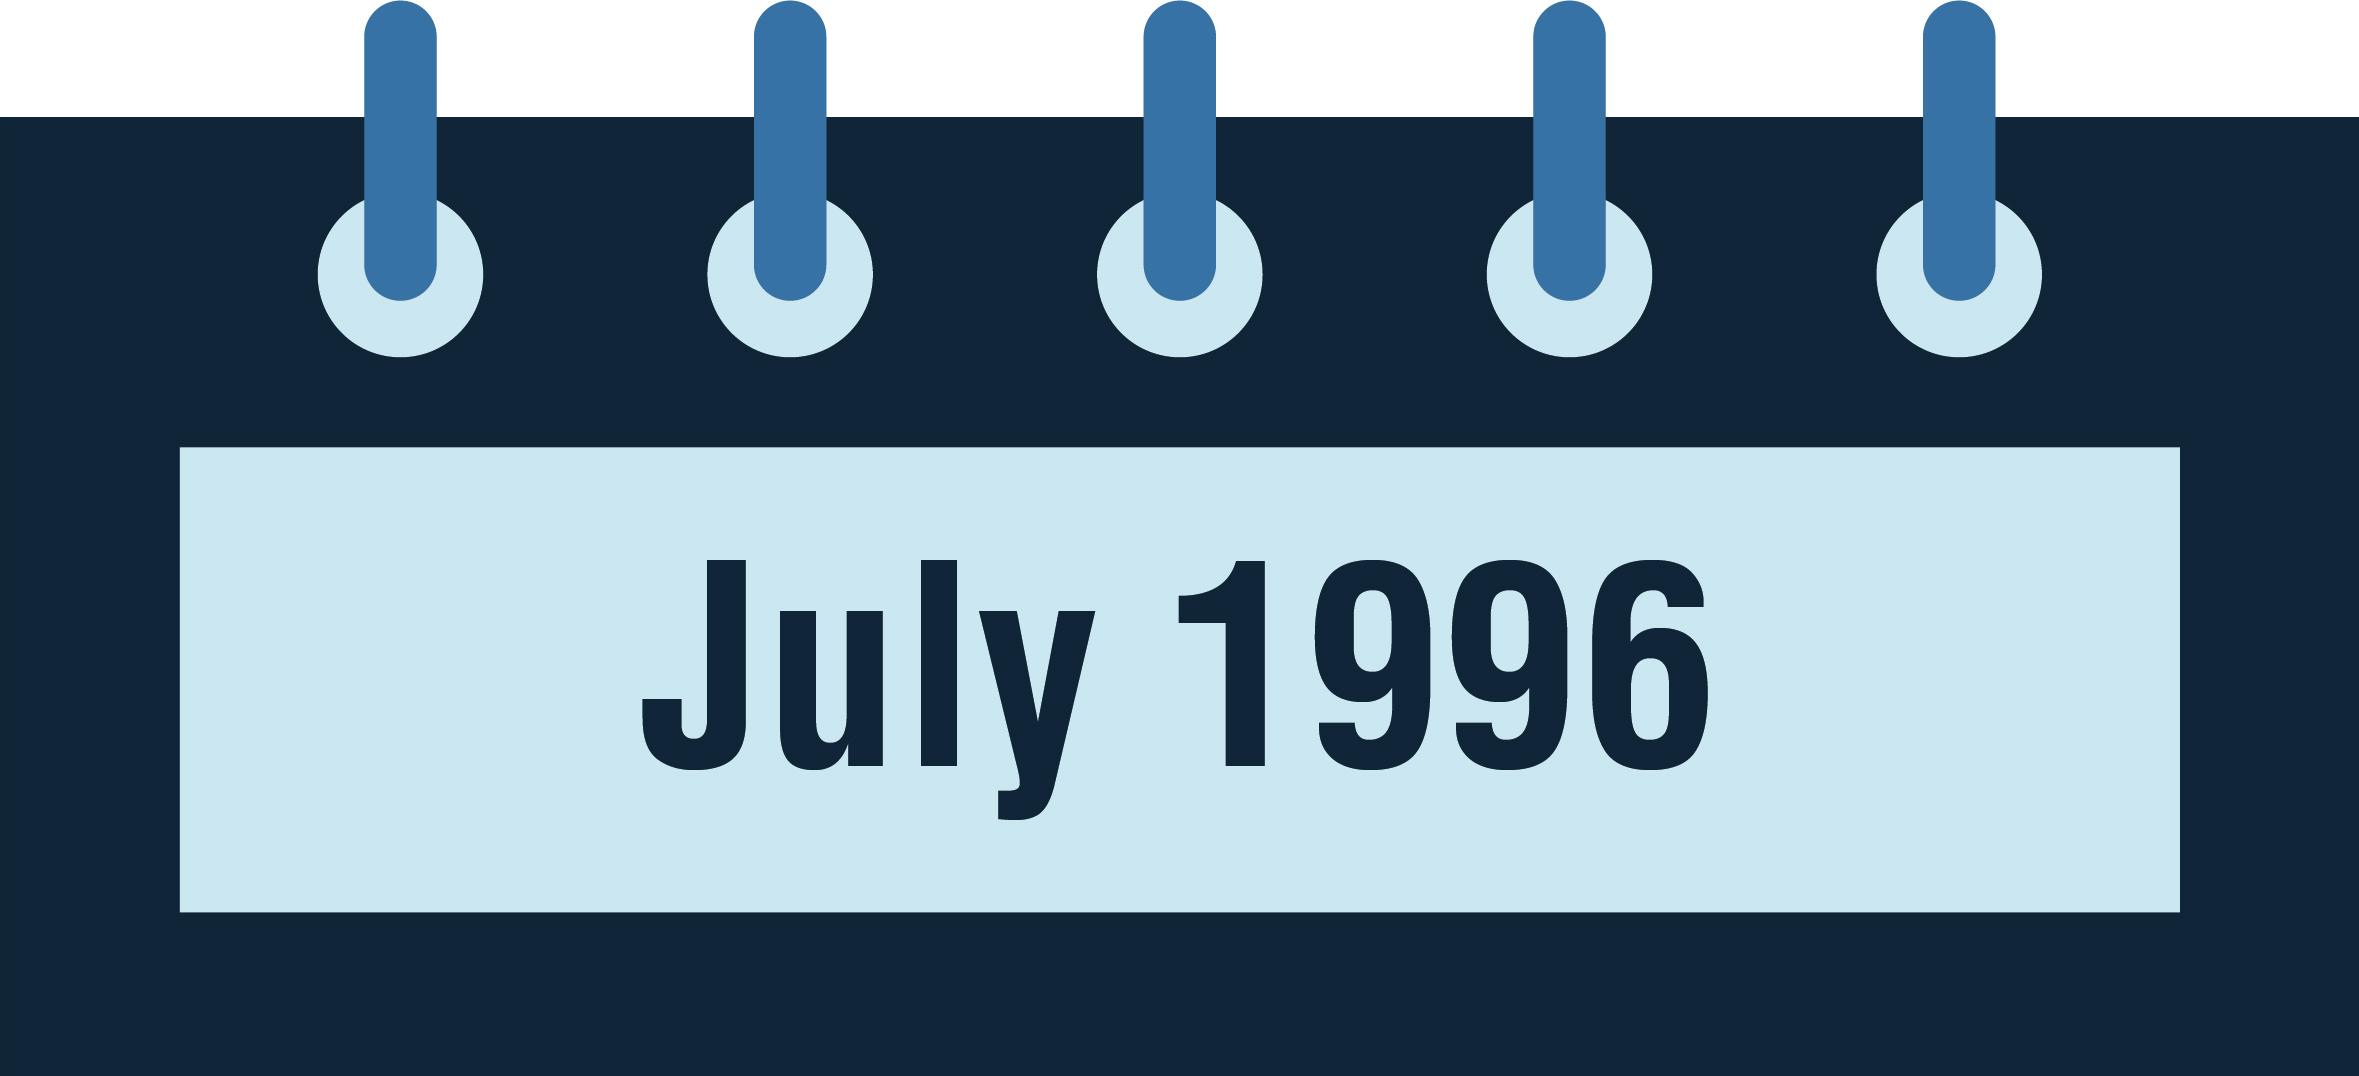 NeuroCheck History - July 1996 (Image © NeuroCheck)